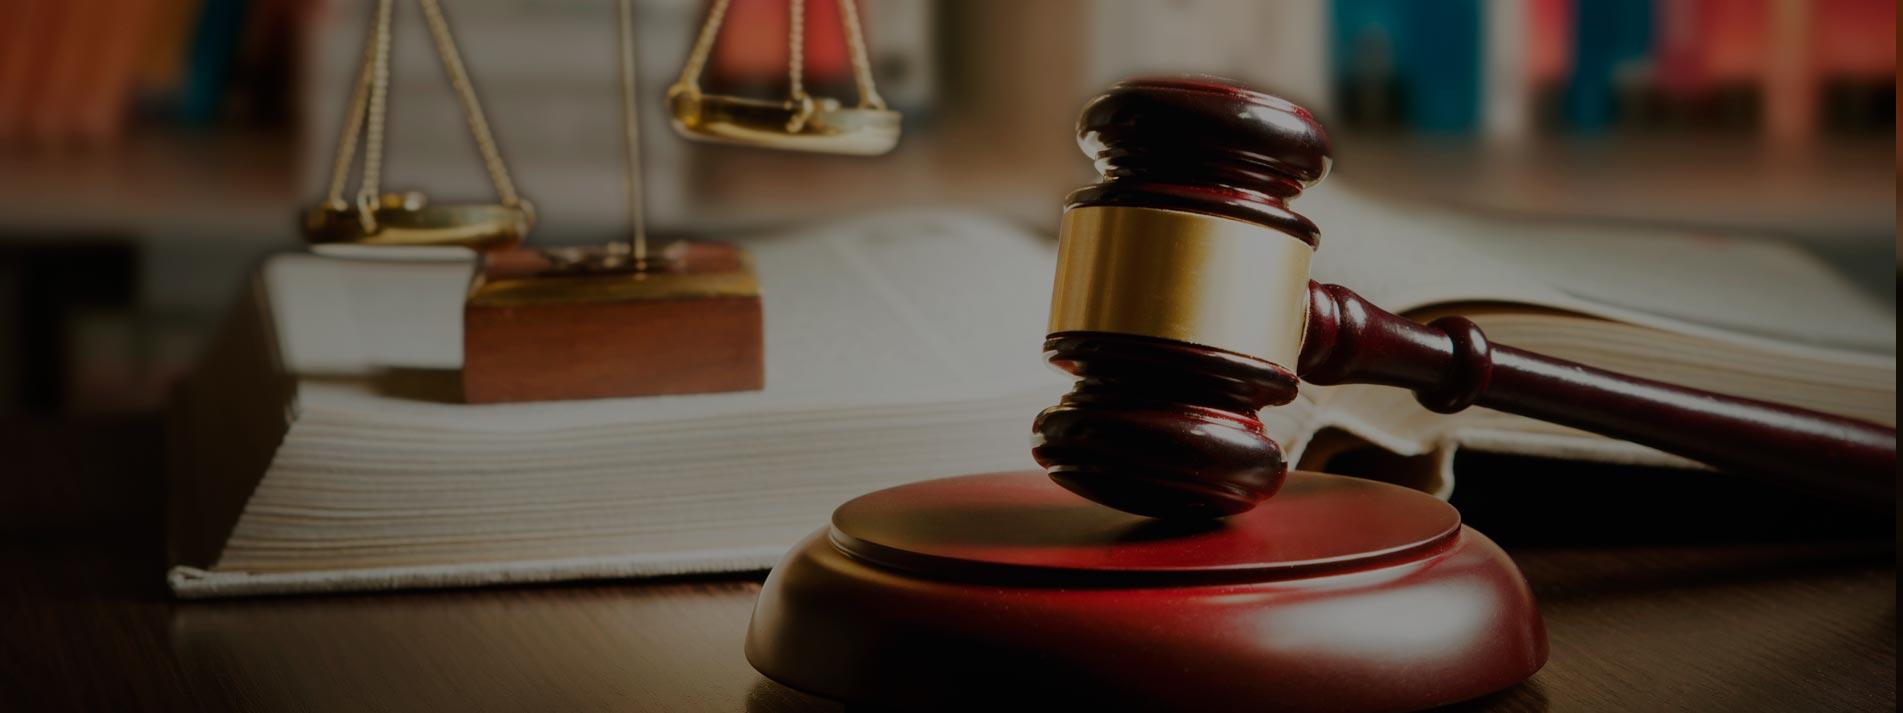 Especialistas en afectados cooperativas de viviendas Honorarios clausula suelo